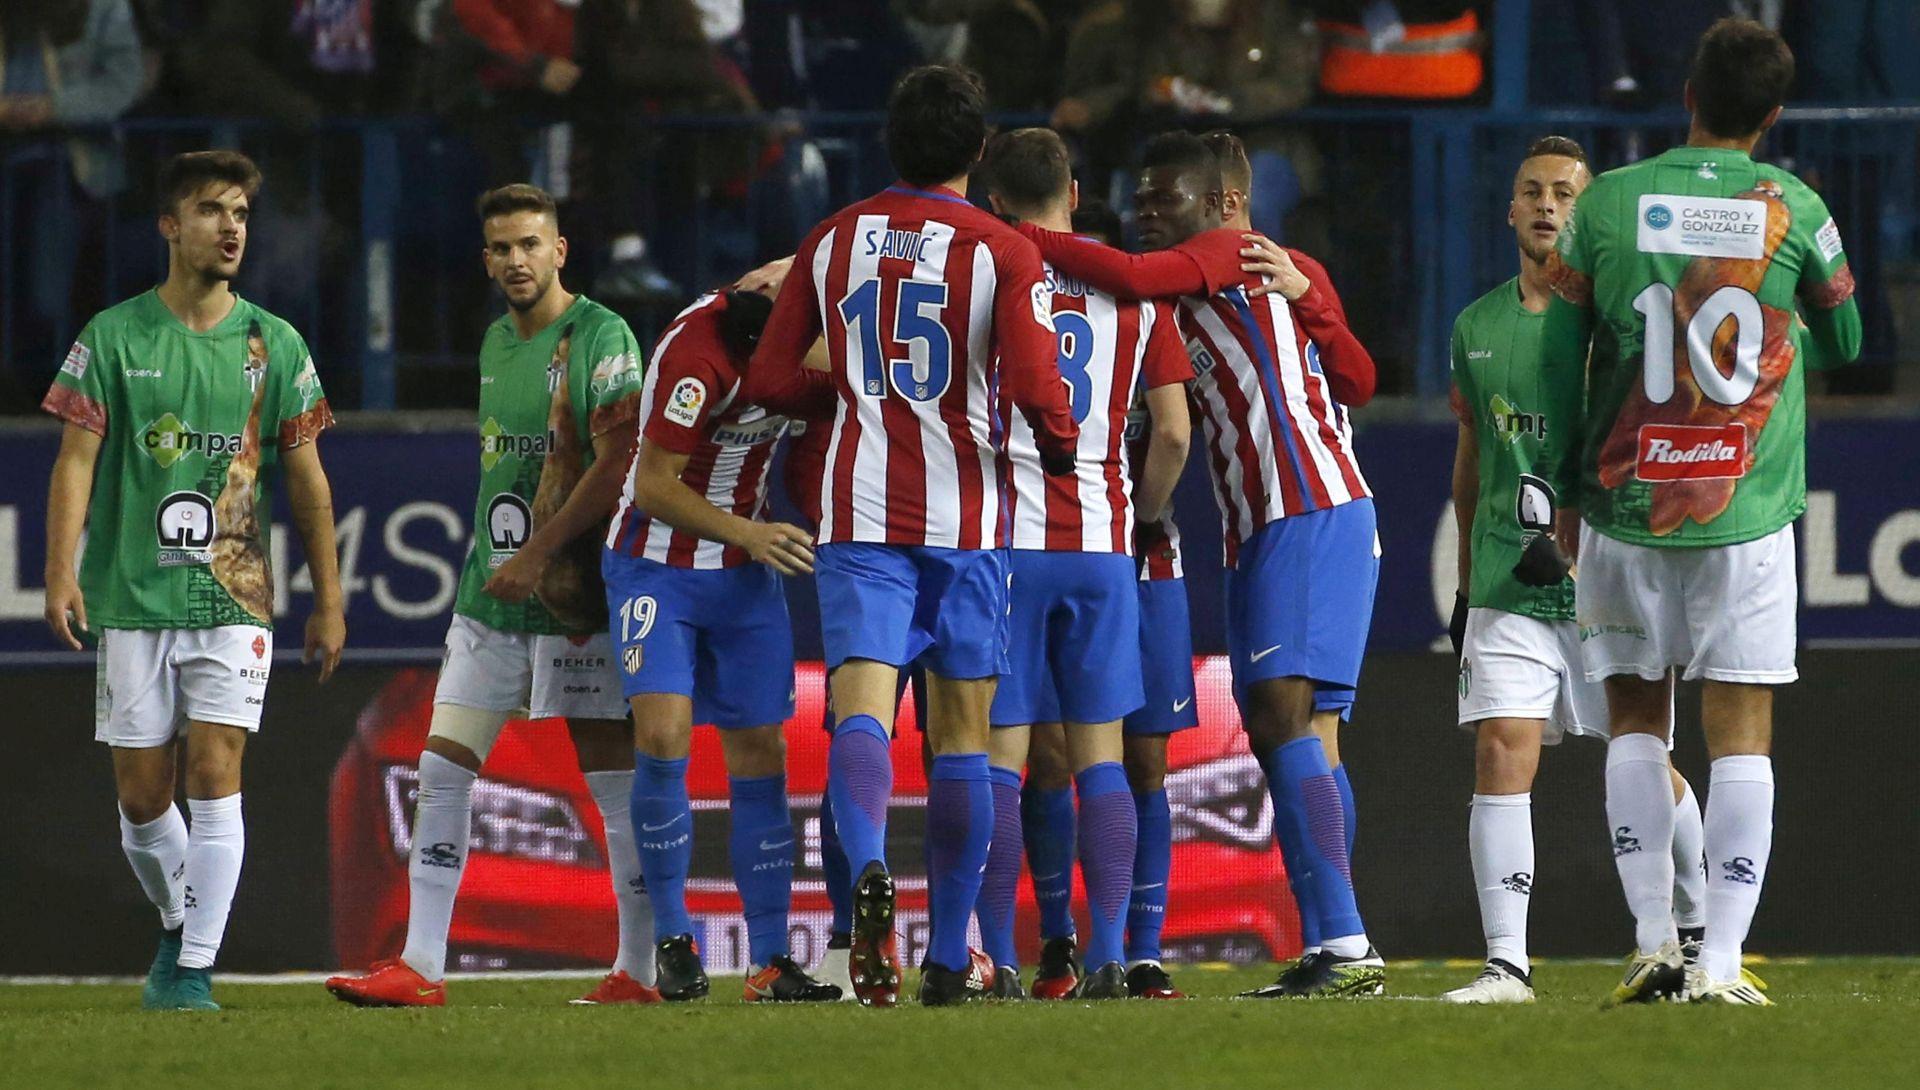 PRIMERA Pobjede Atletica, Villarreala i Athletica